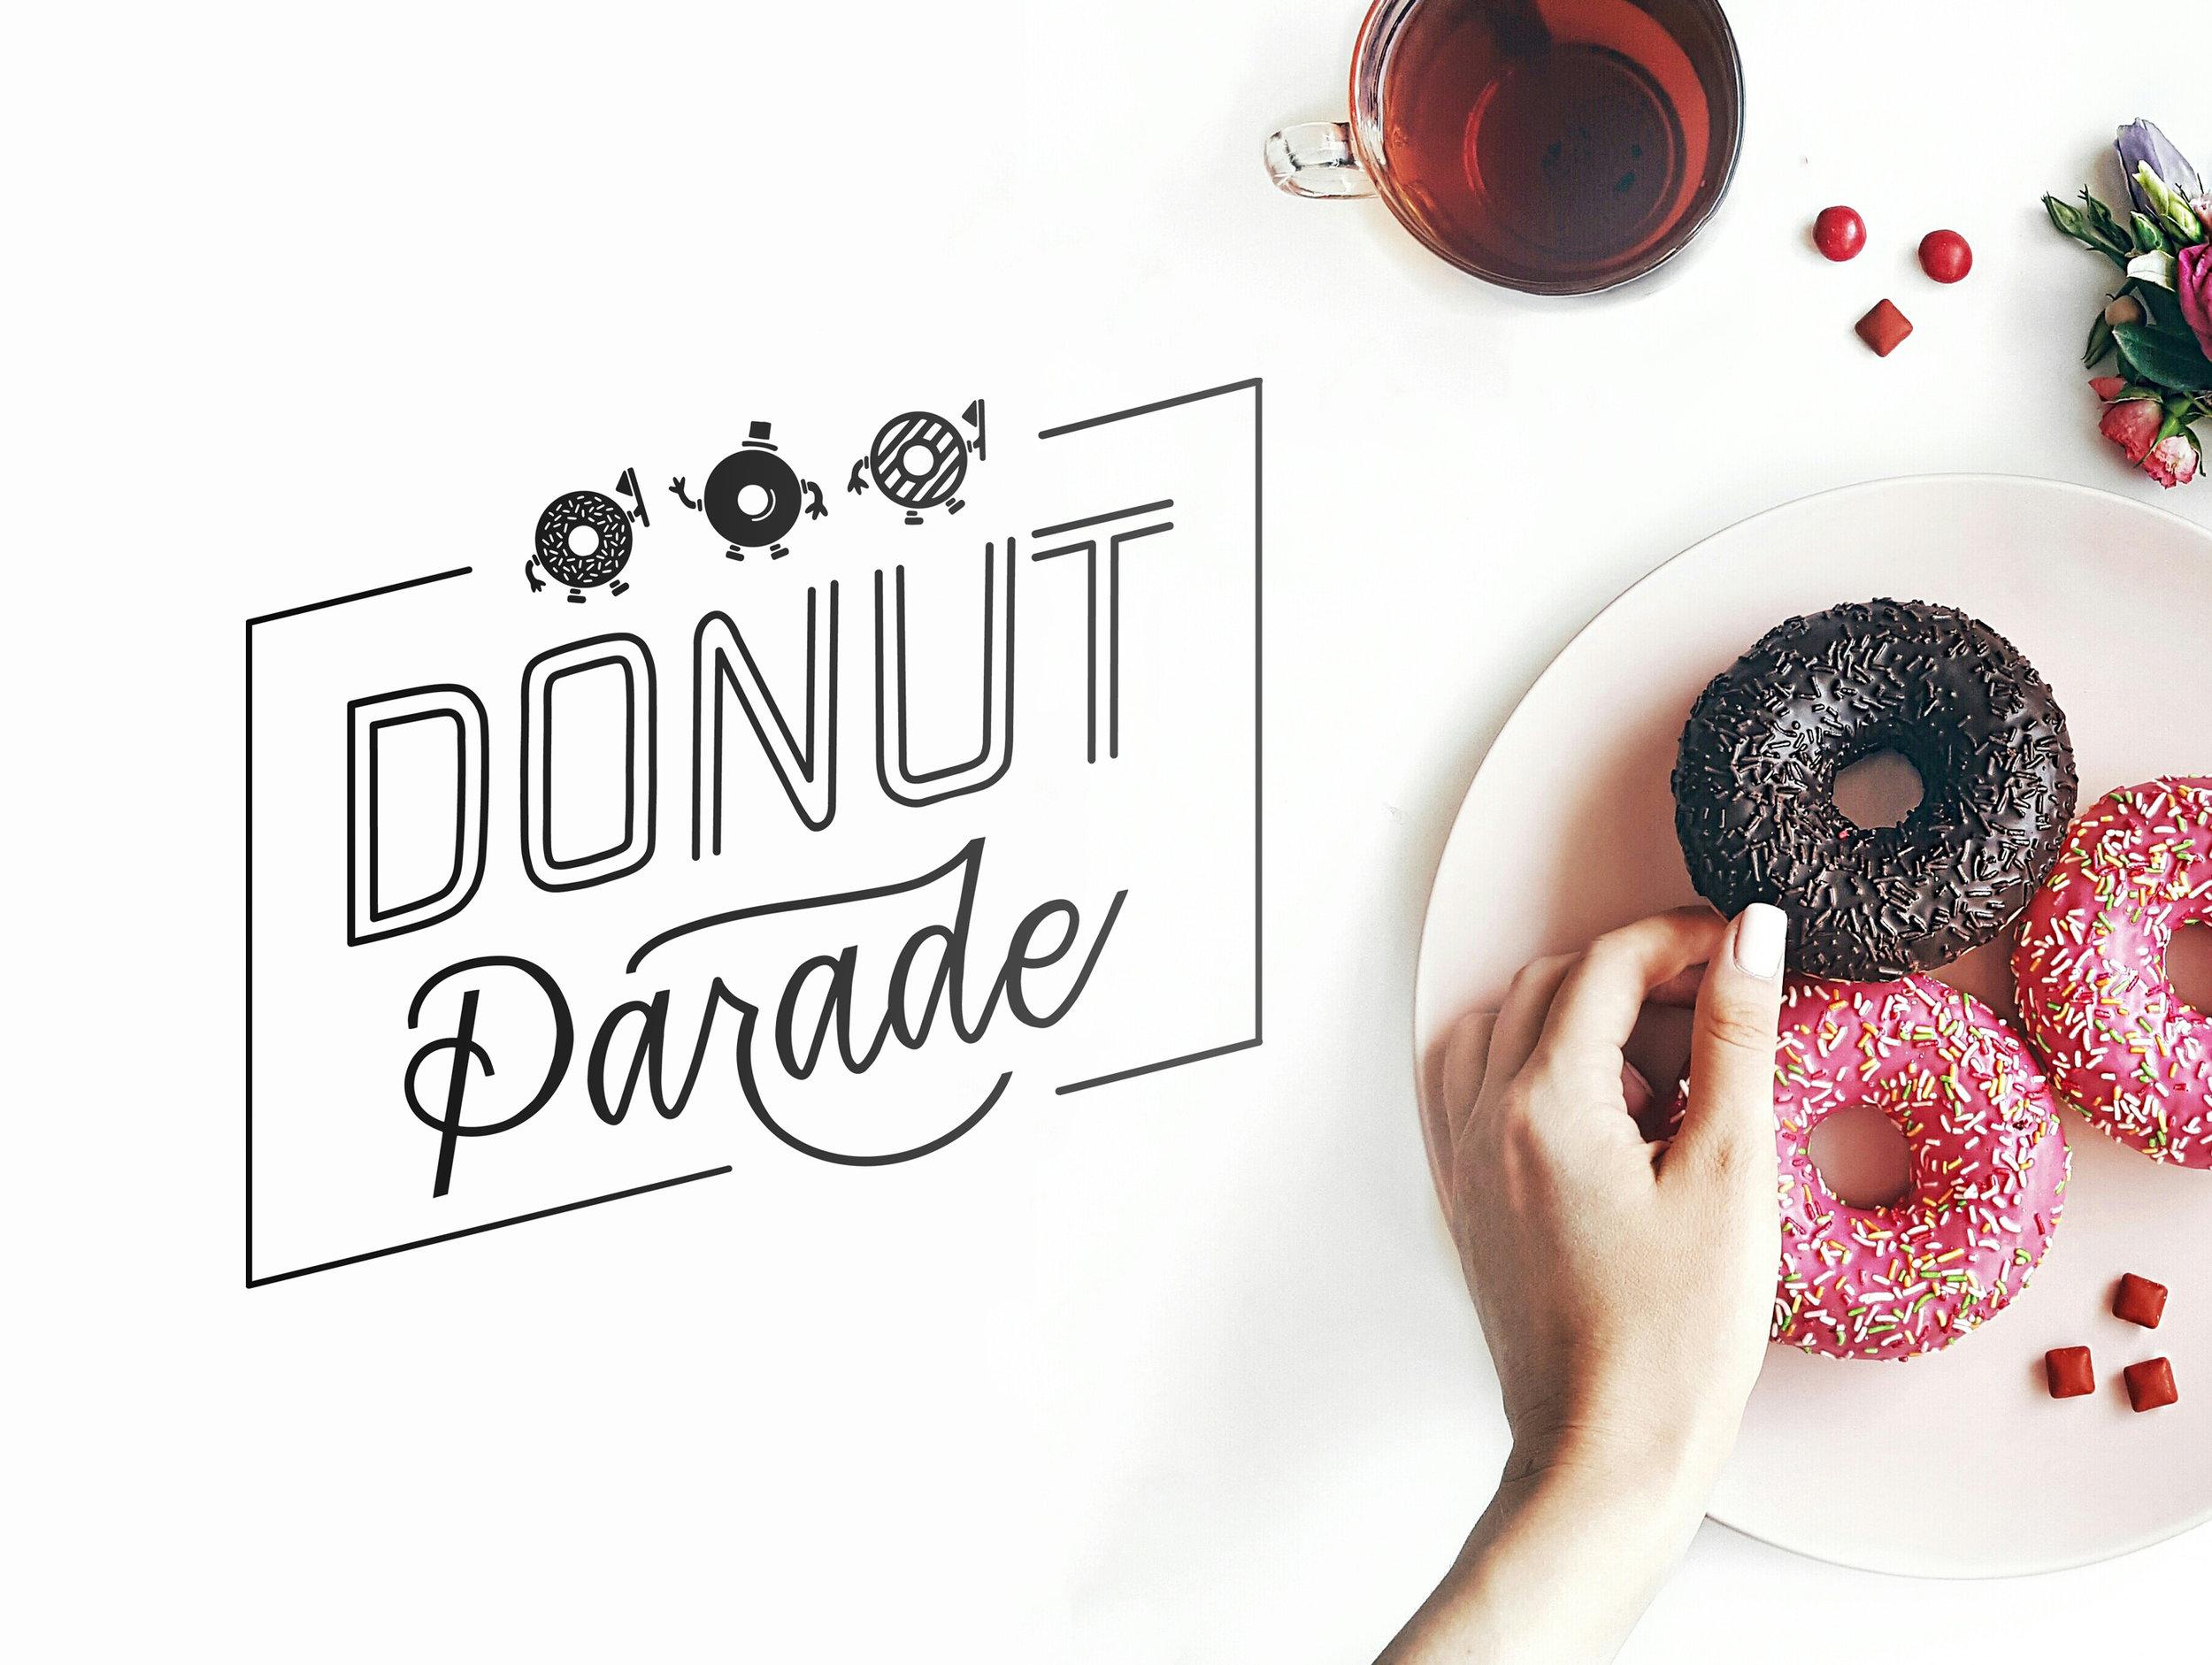 Donut-Parade-Mockup.jpg